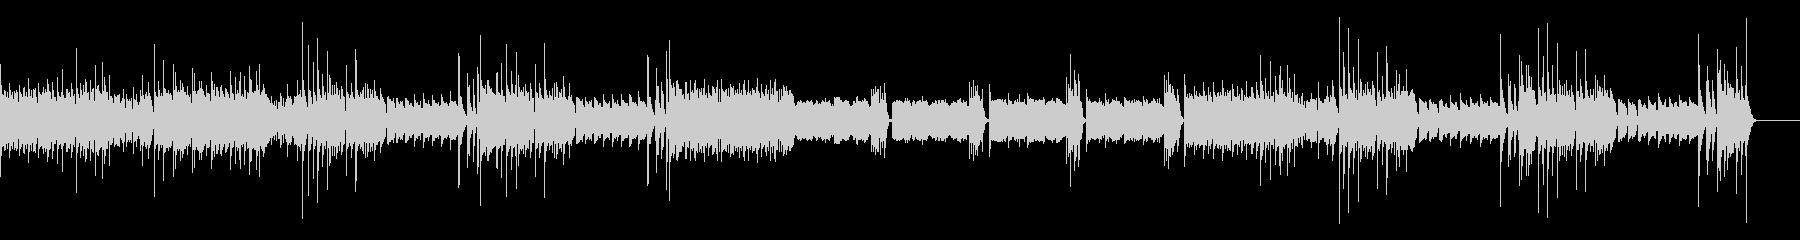 ハンガリー舞曲(シンセ版)の未再生の波形